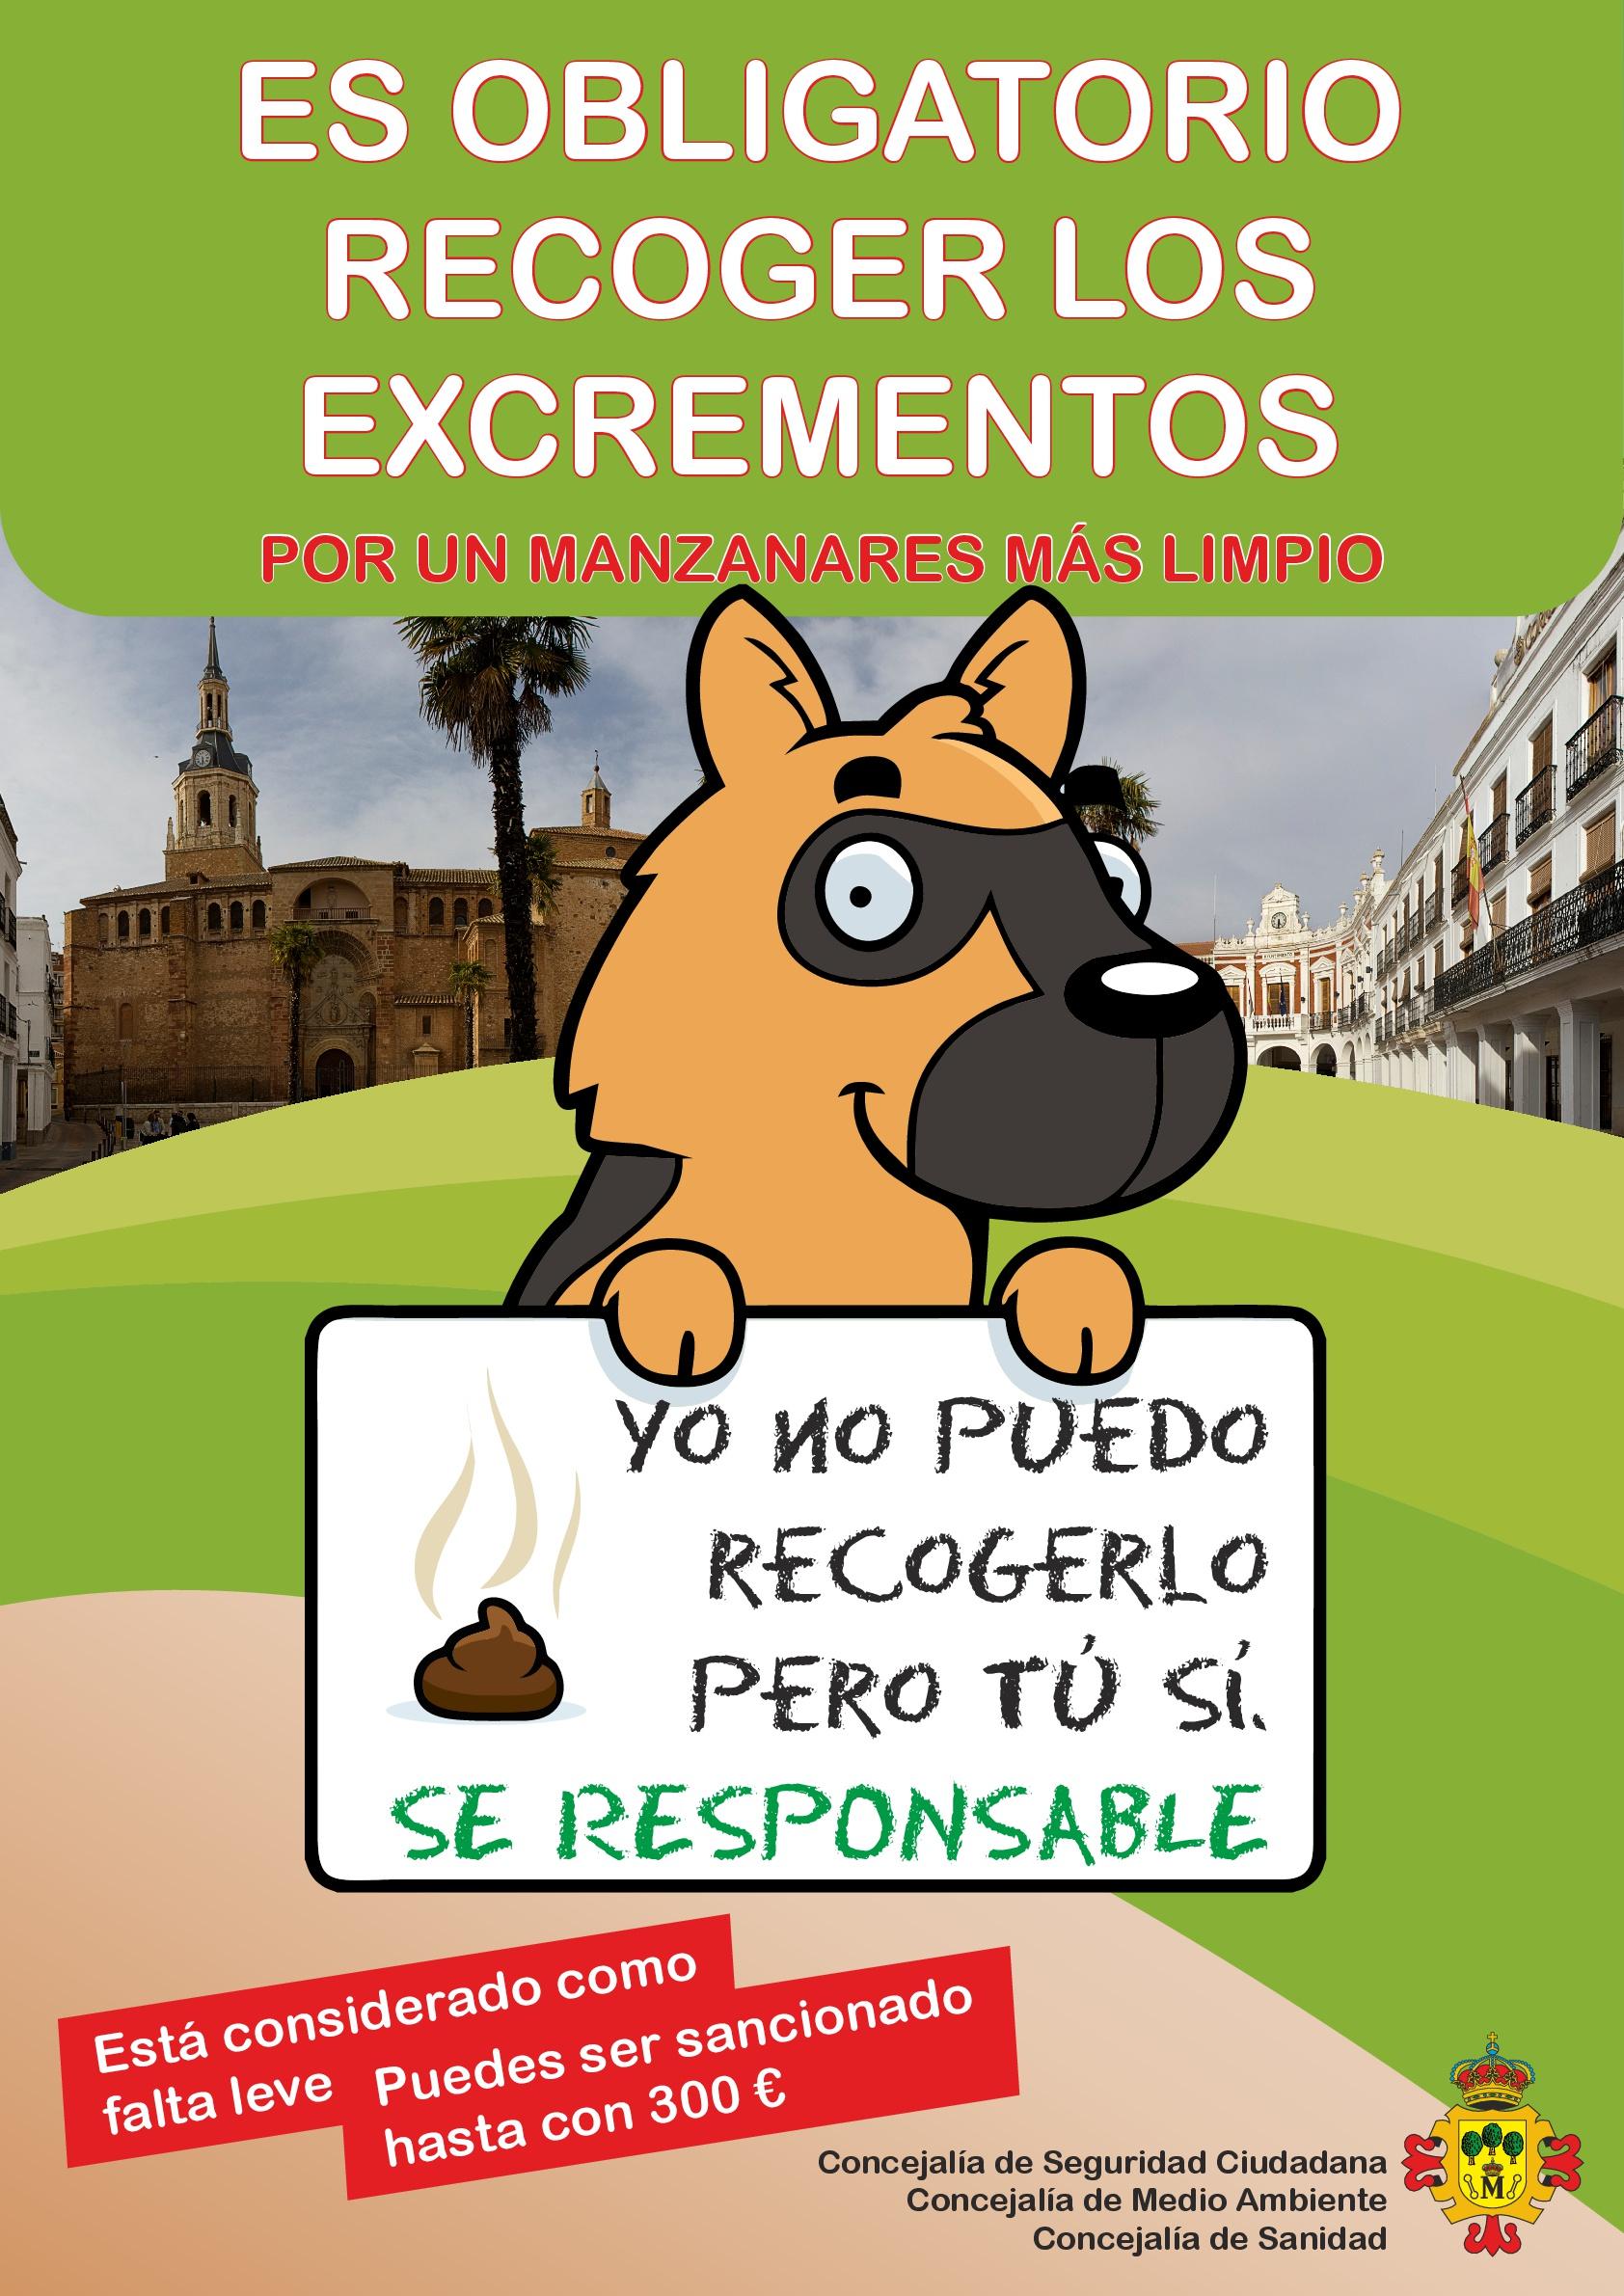 Campaña de concienciación e información sobre la obligación de recoger los excrementos de mascotas